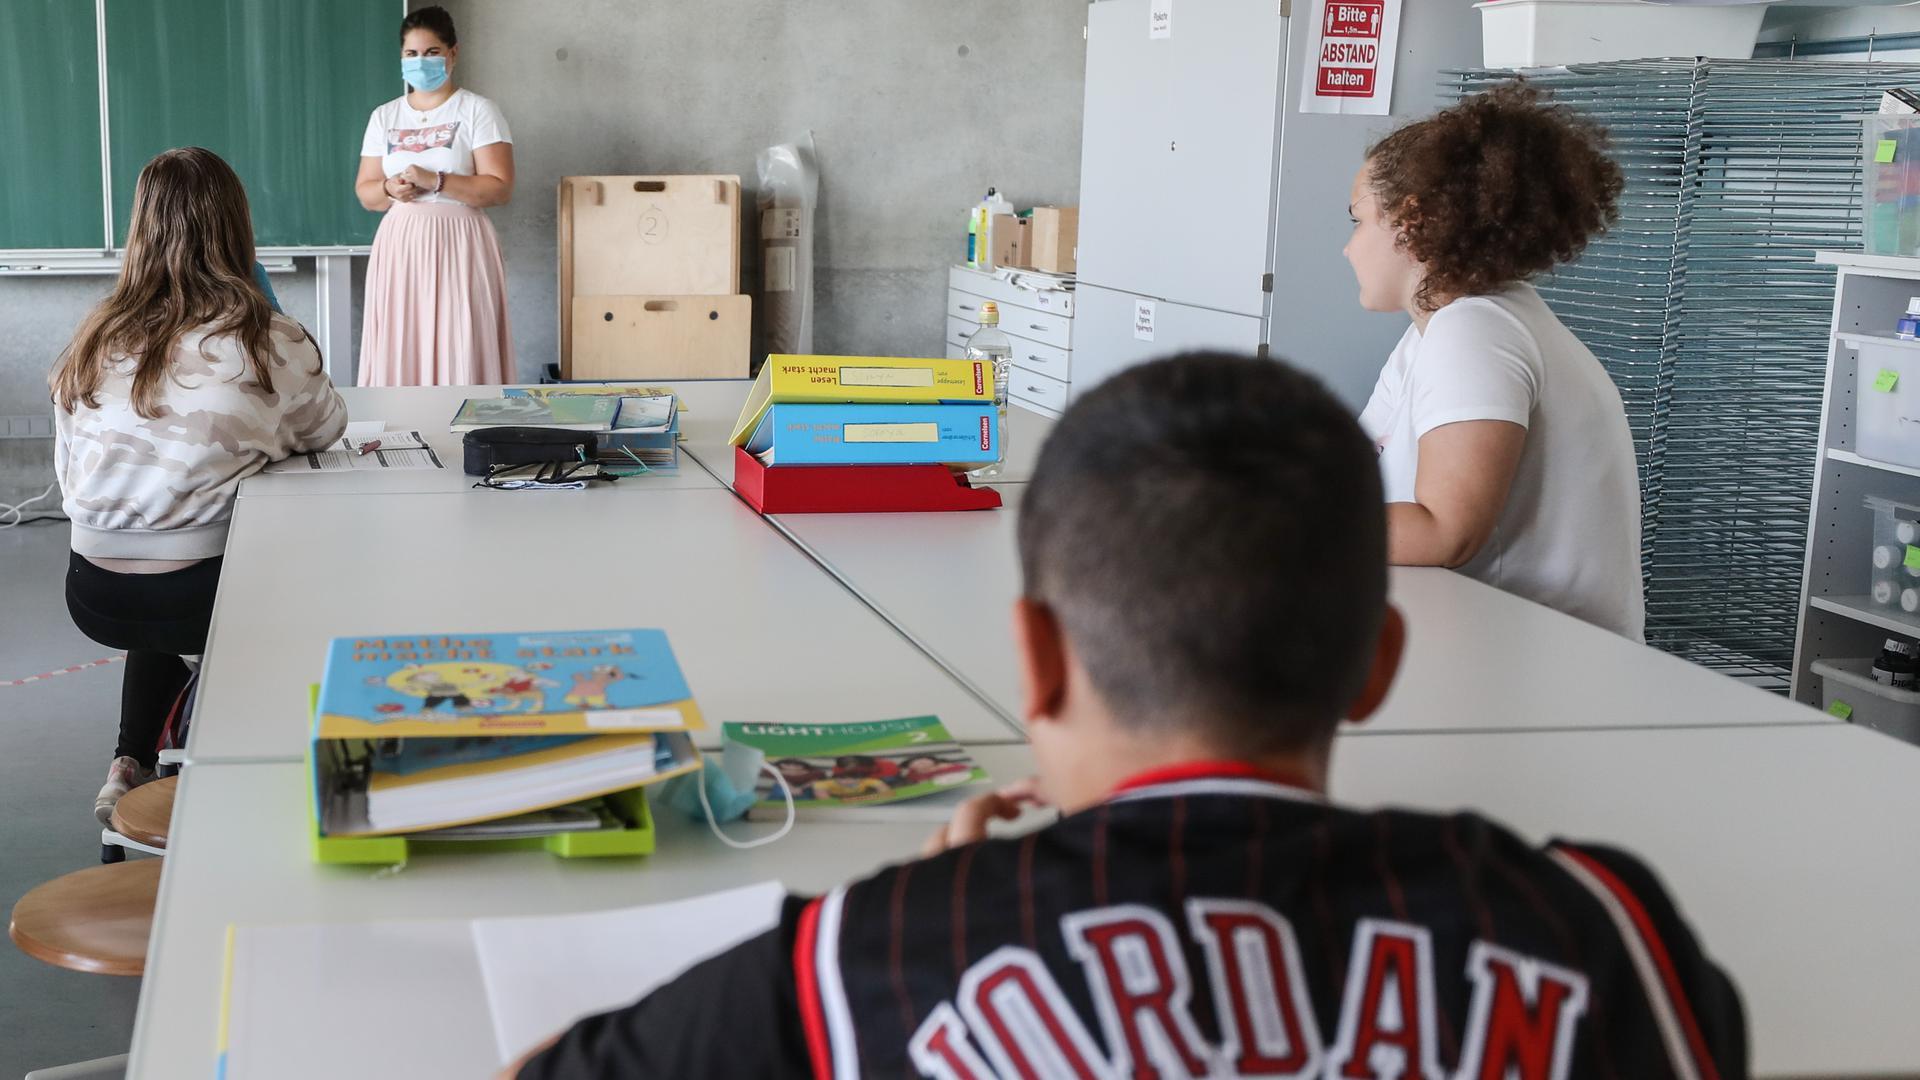 Eine Lehrerin spricht in der Gemeinschaftsschule Theodor-Heuglin mit Schülern einer Lernbrücke. Die Gewerkschaft Erziehung und Wissenschaft (GEW) informiert am Mittag bei einer Pressekonferenz in Stuttgart über das Thema «Schuljahr 2020/2021: Gute Bildung im Corona-Schuljahr?». +++ dpa-Bildfunk +++